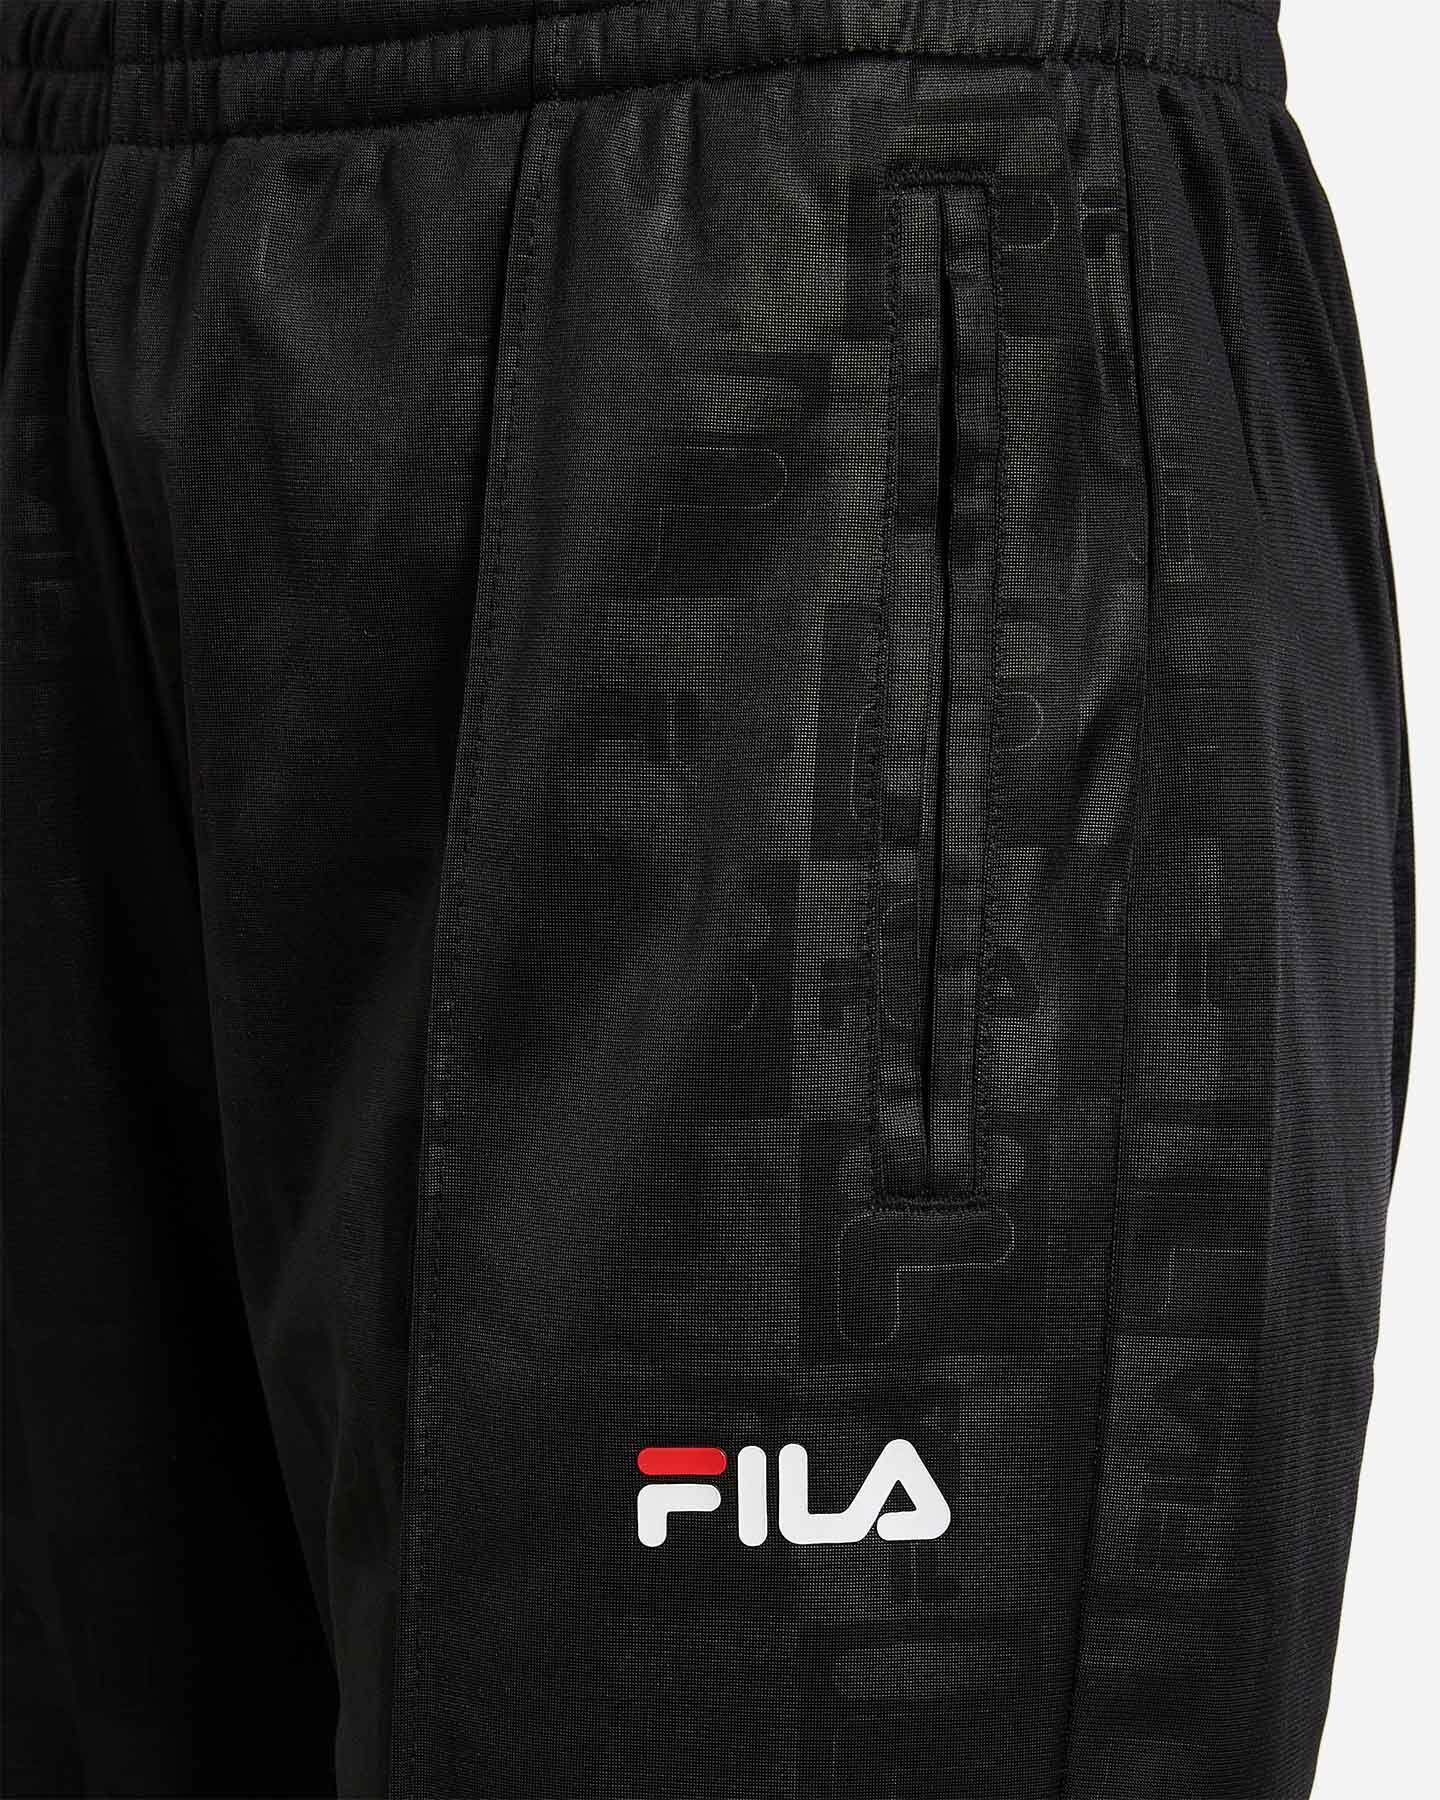 Pantalone FILA TRIACETATO PRINTED W S4080532 scatto 3